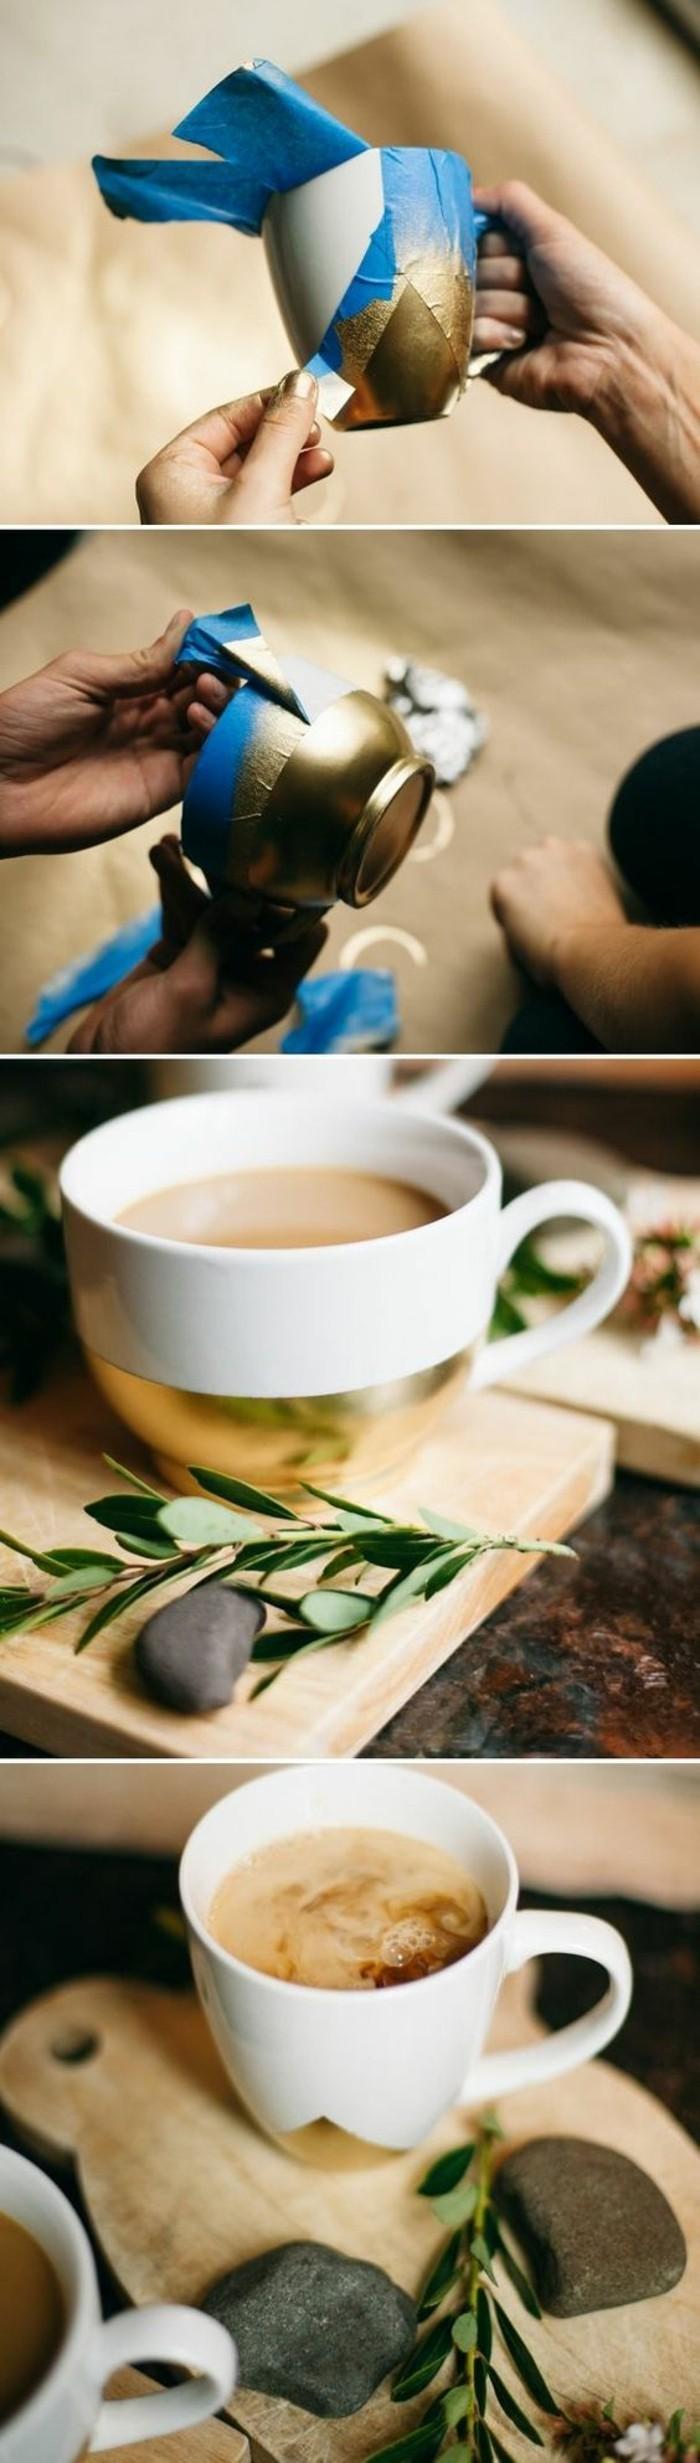 décoration tasse de café à la maison, diy tasse de café blanche décorée avec peinture dorée, idée cadeau meilleure amie